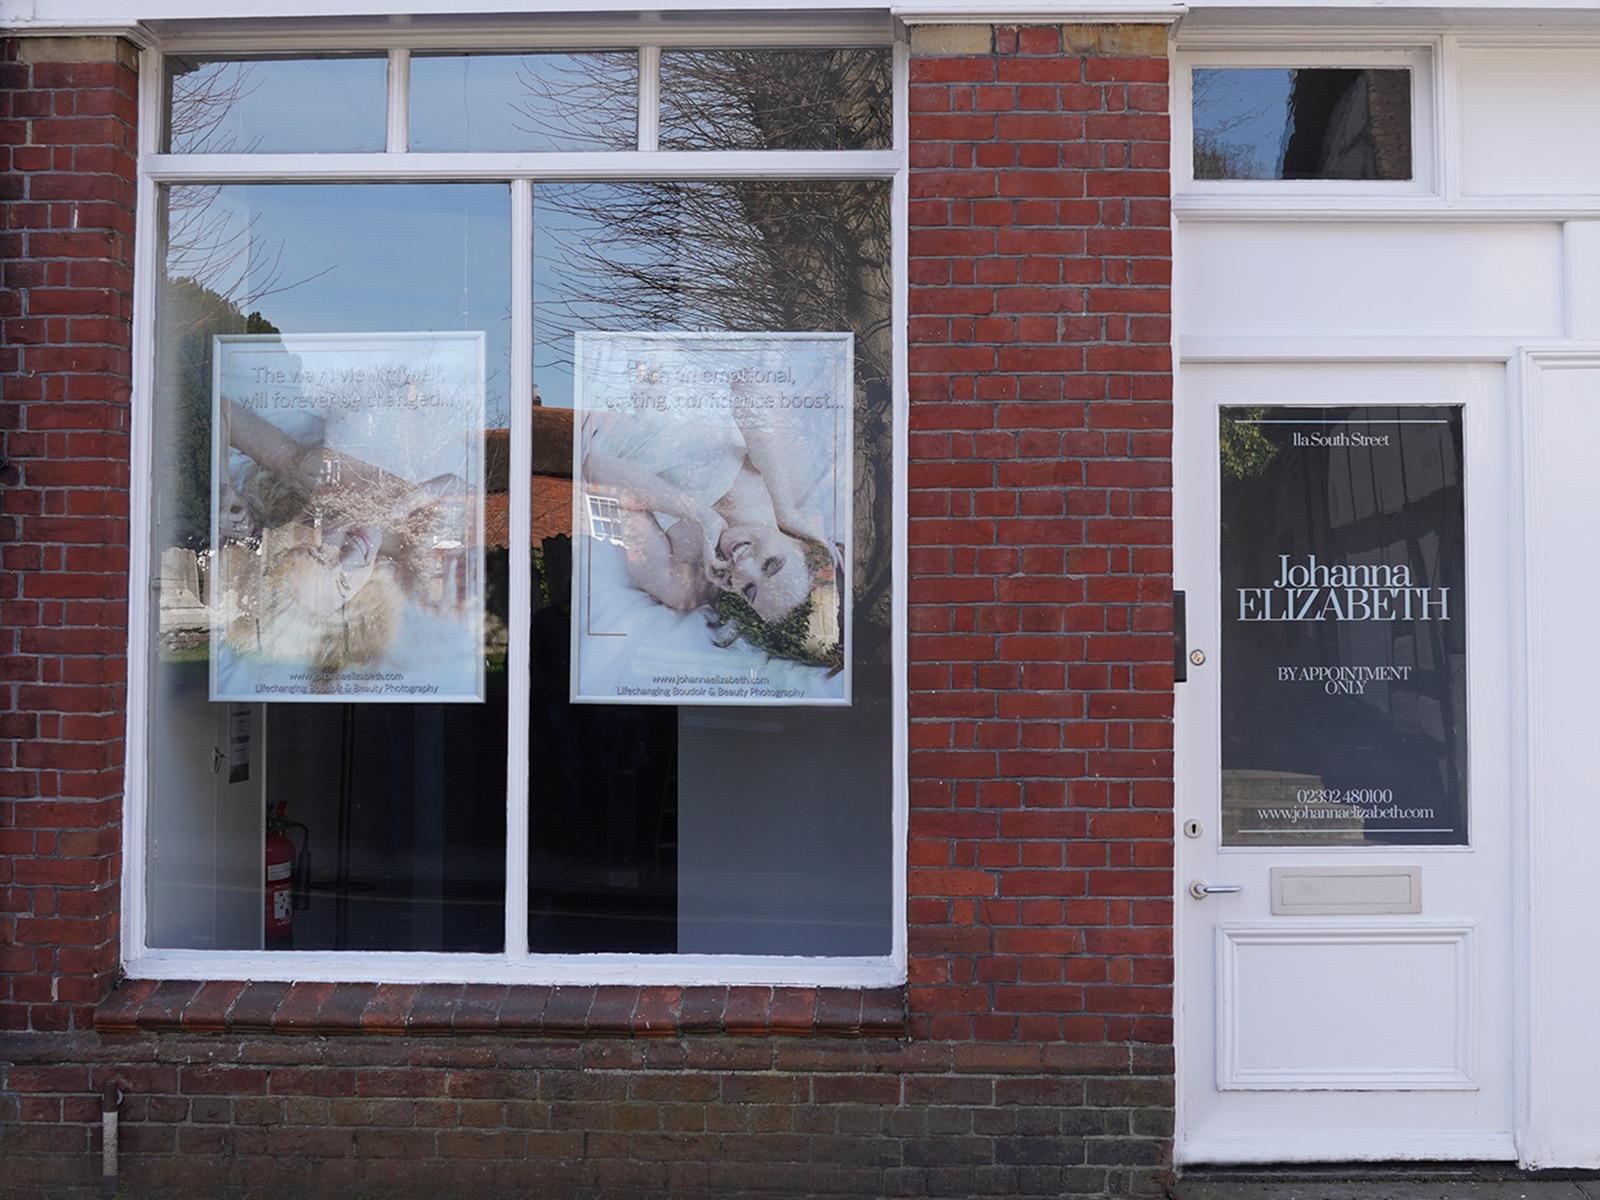 Johanna Elizabeth boudoir portrait session in Hampshire